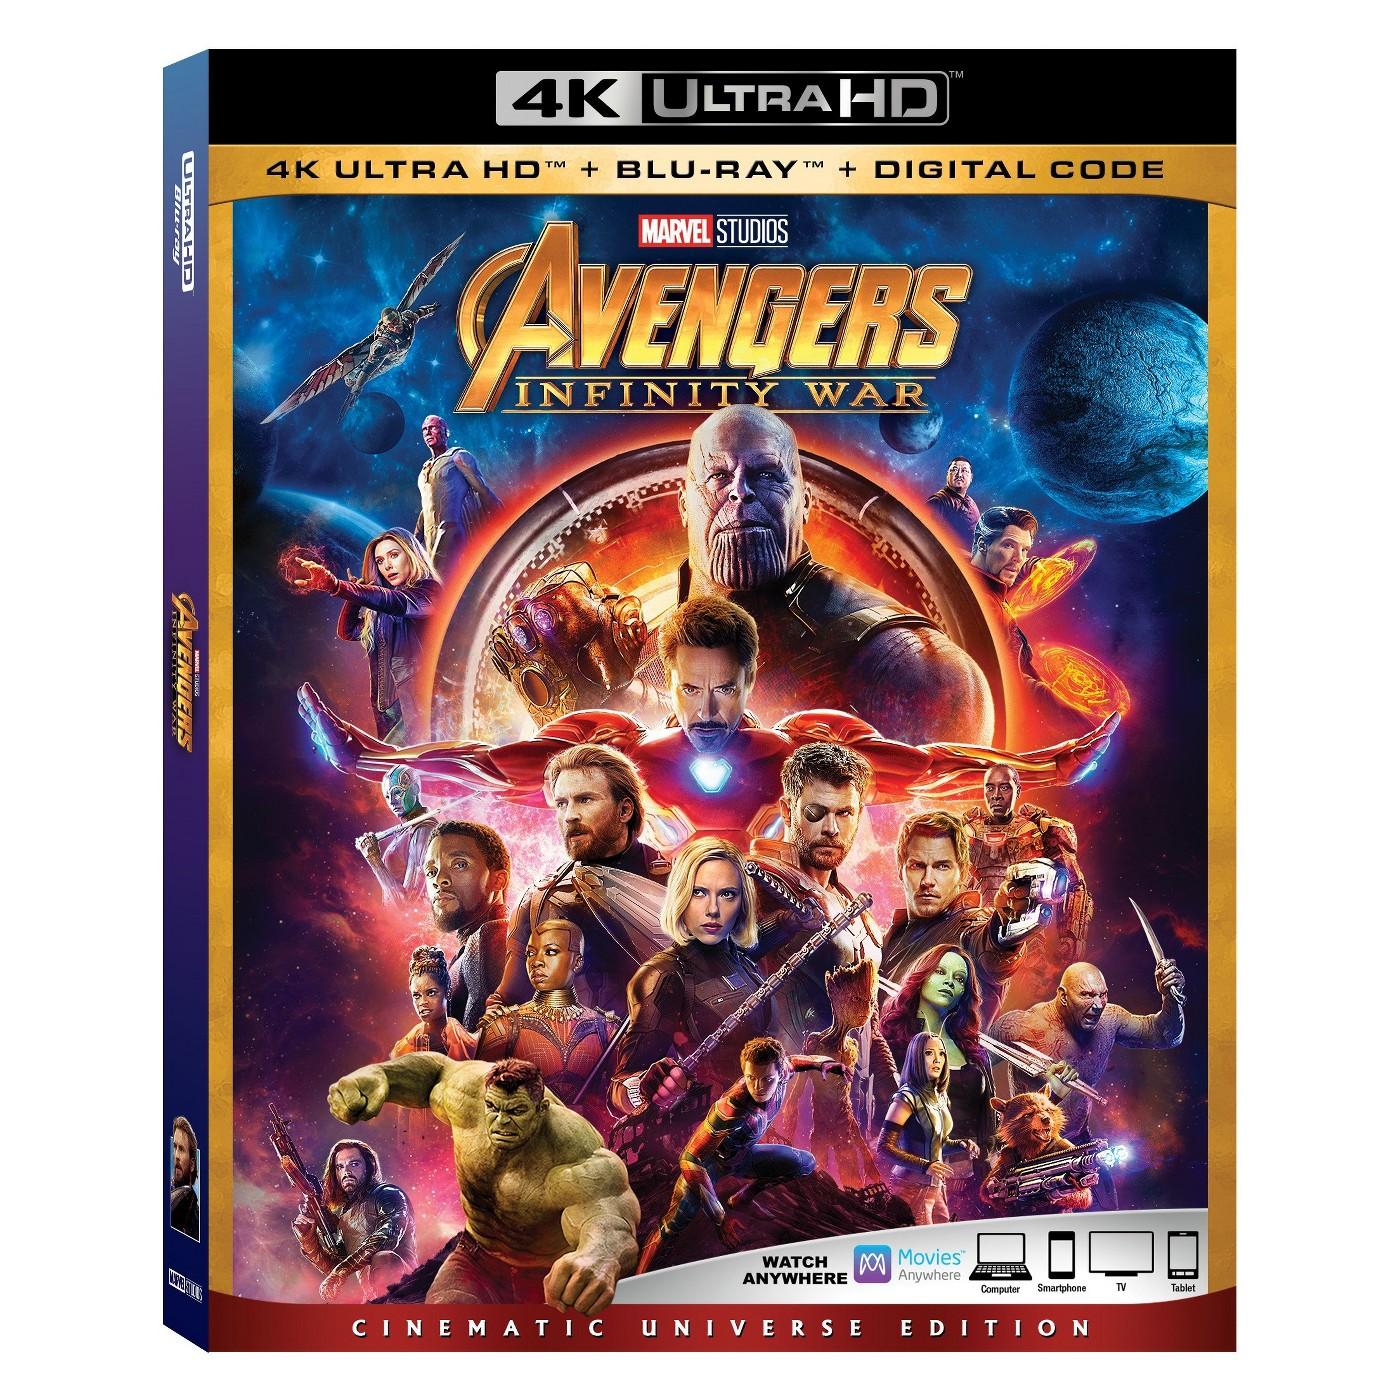 Avengers: Infiintiy War & Black Panther UHD/4K @ Target B&M with  cartwheel app + Redcard $20.18 each